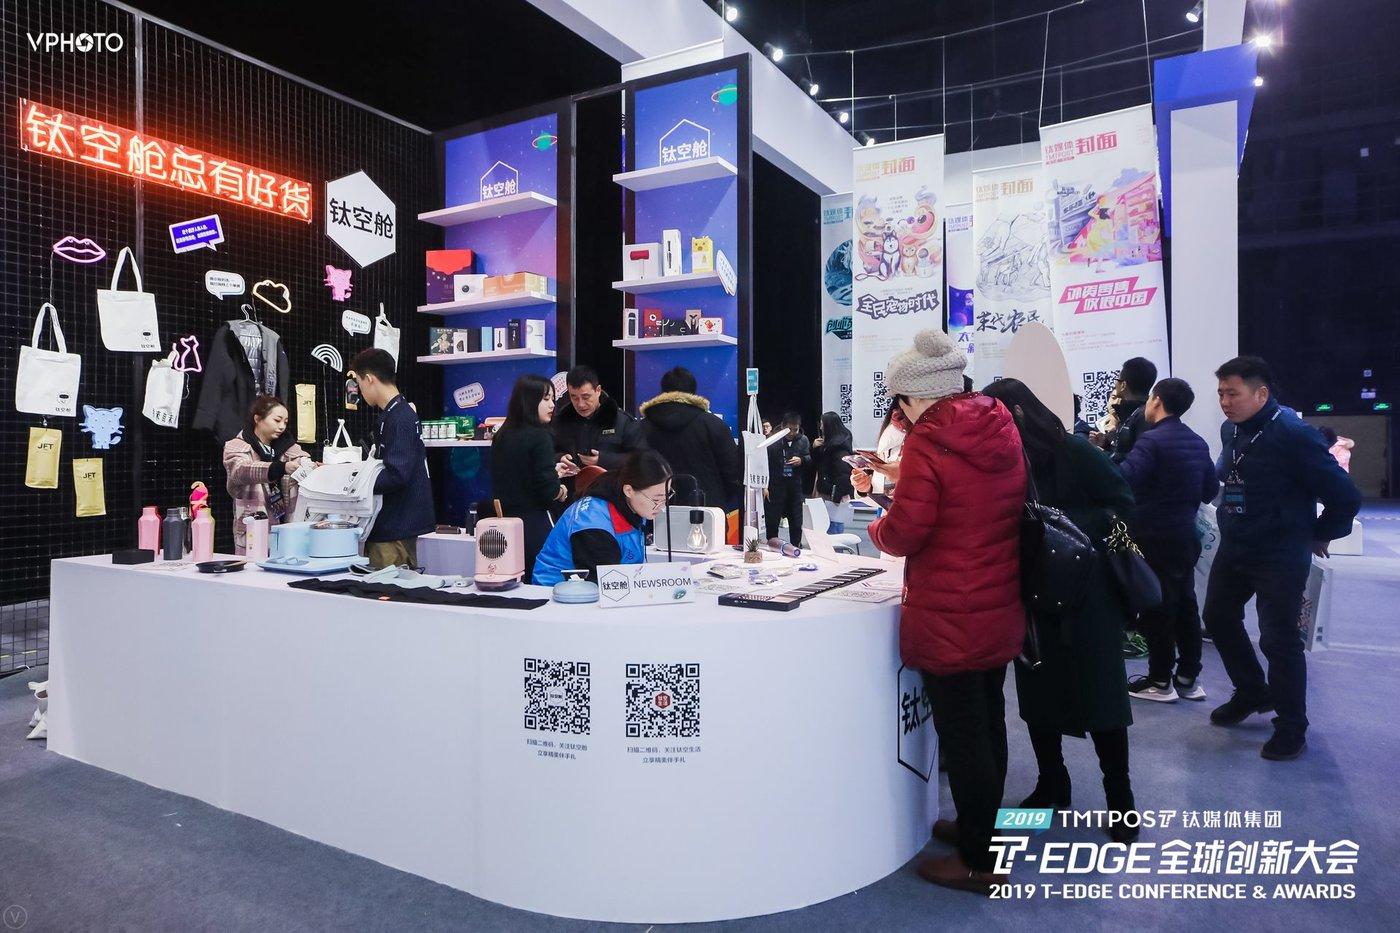 钛媒体2019T-EDGE全球创新大会圆满落幕,聚集全球前沿创新力量